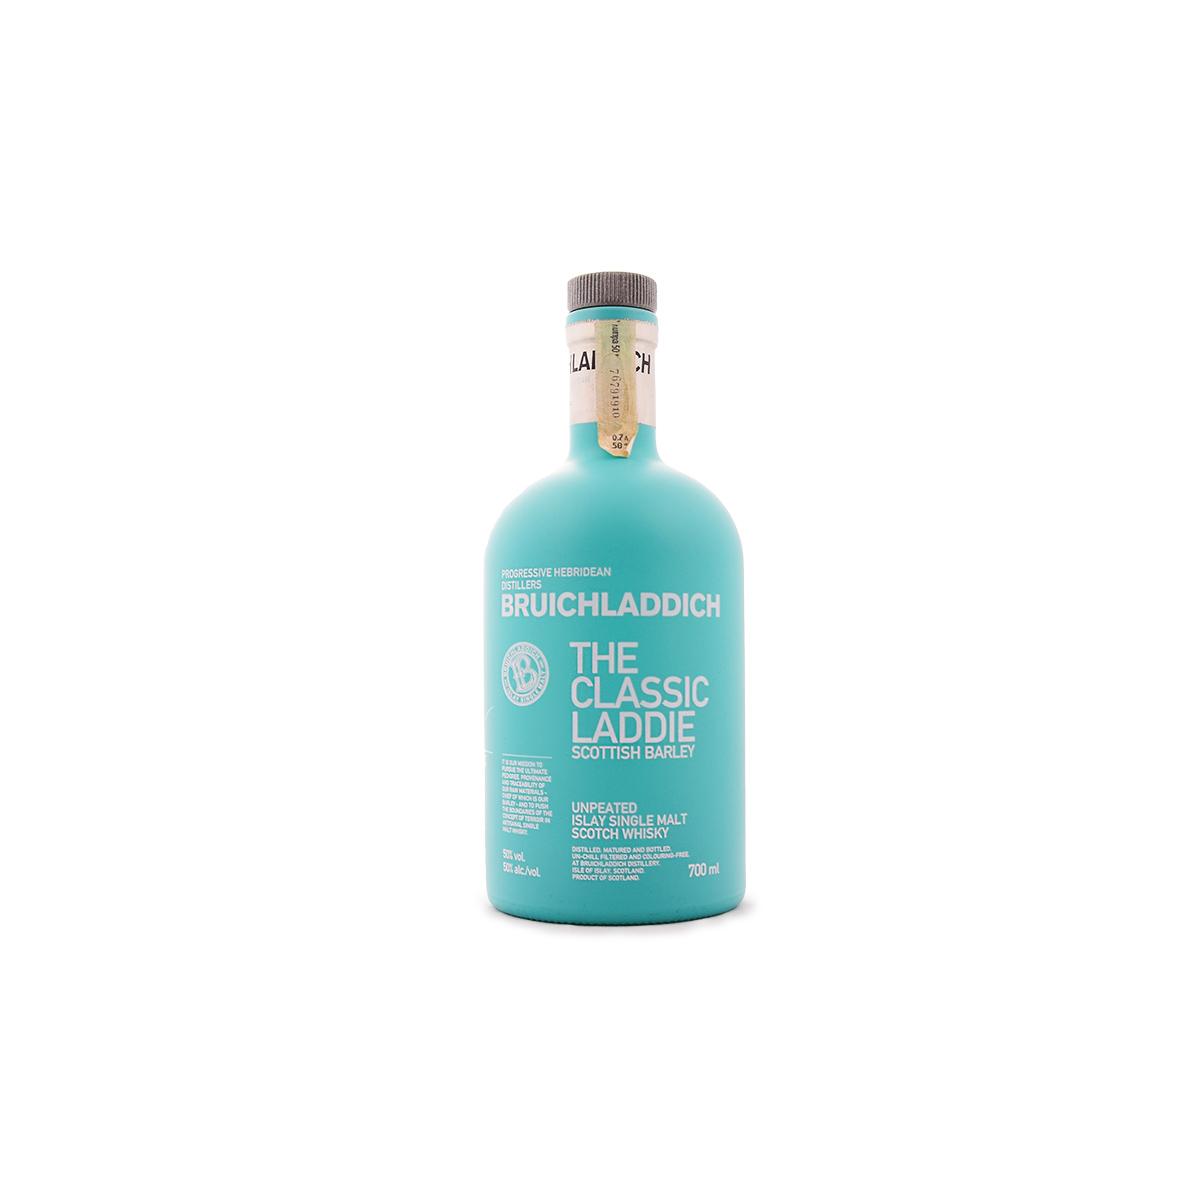 Bruichladdich The Classic Laddie (50%) - 30 ml.